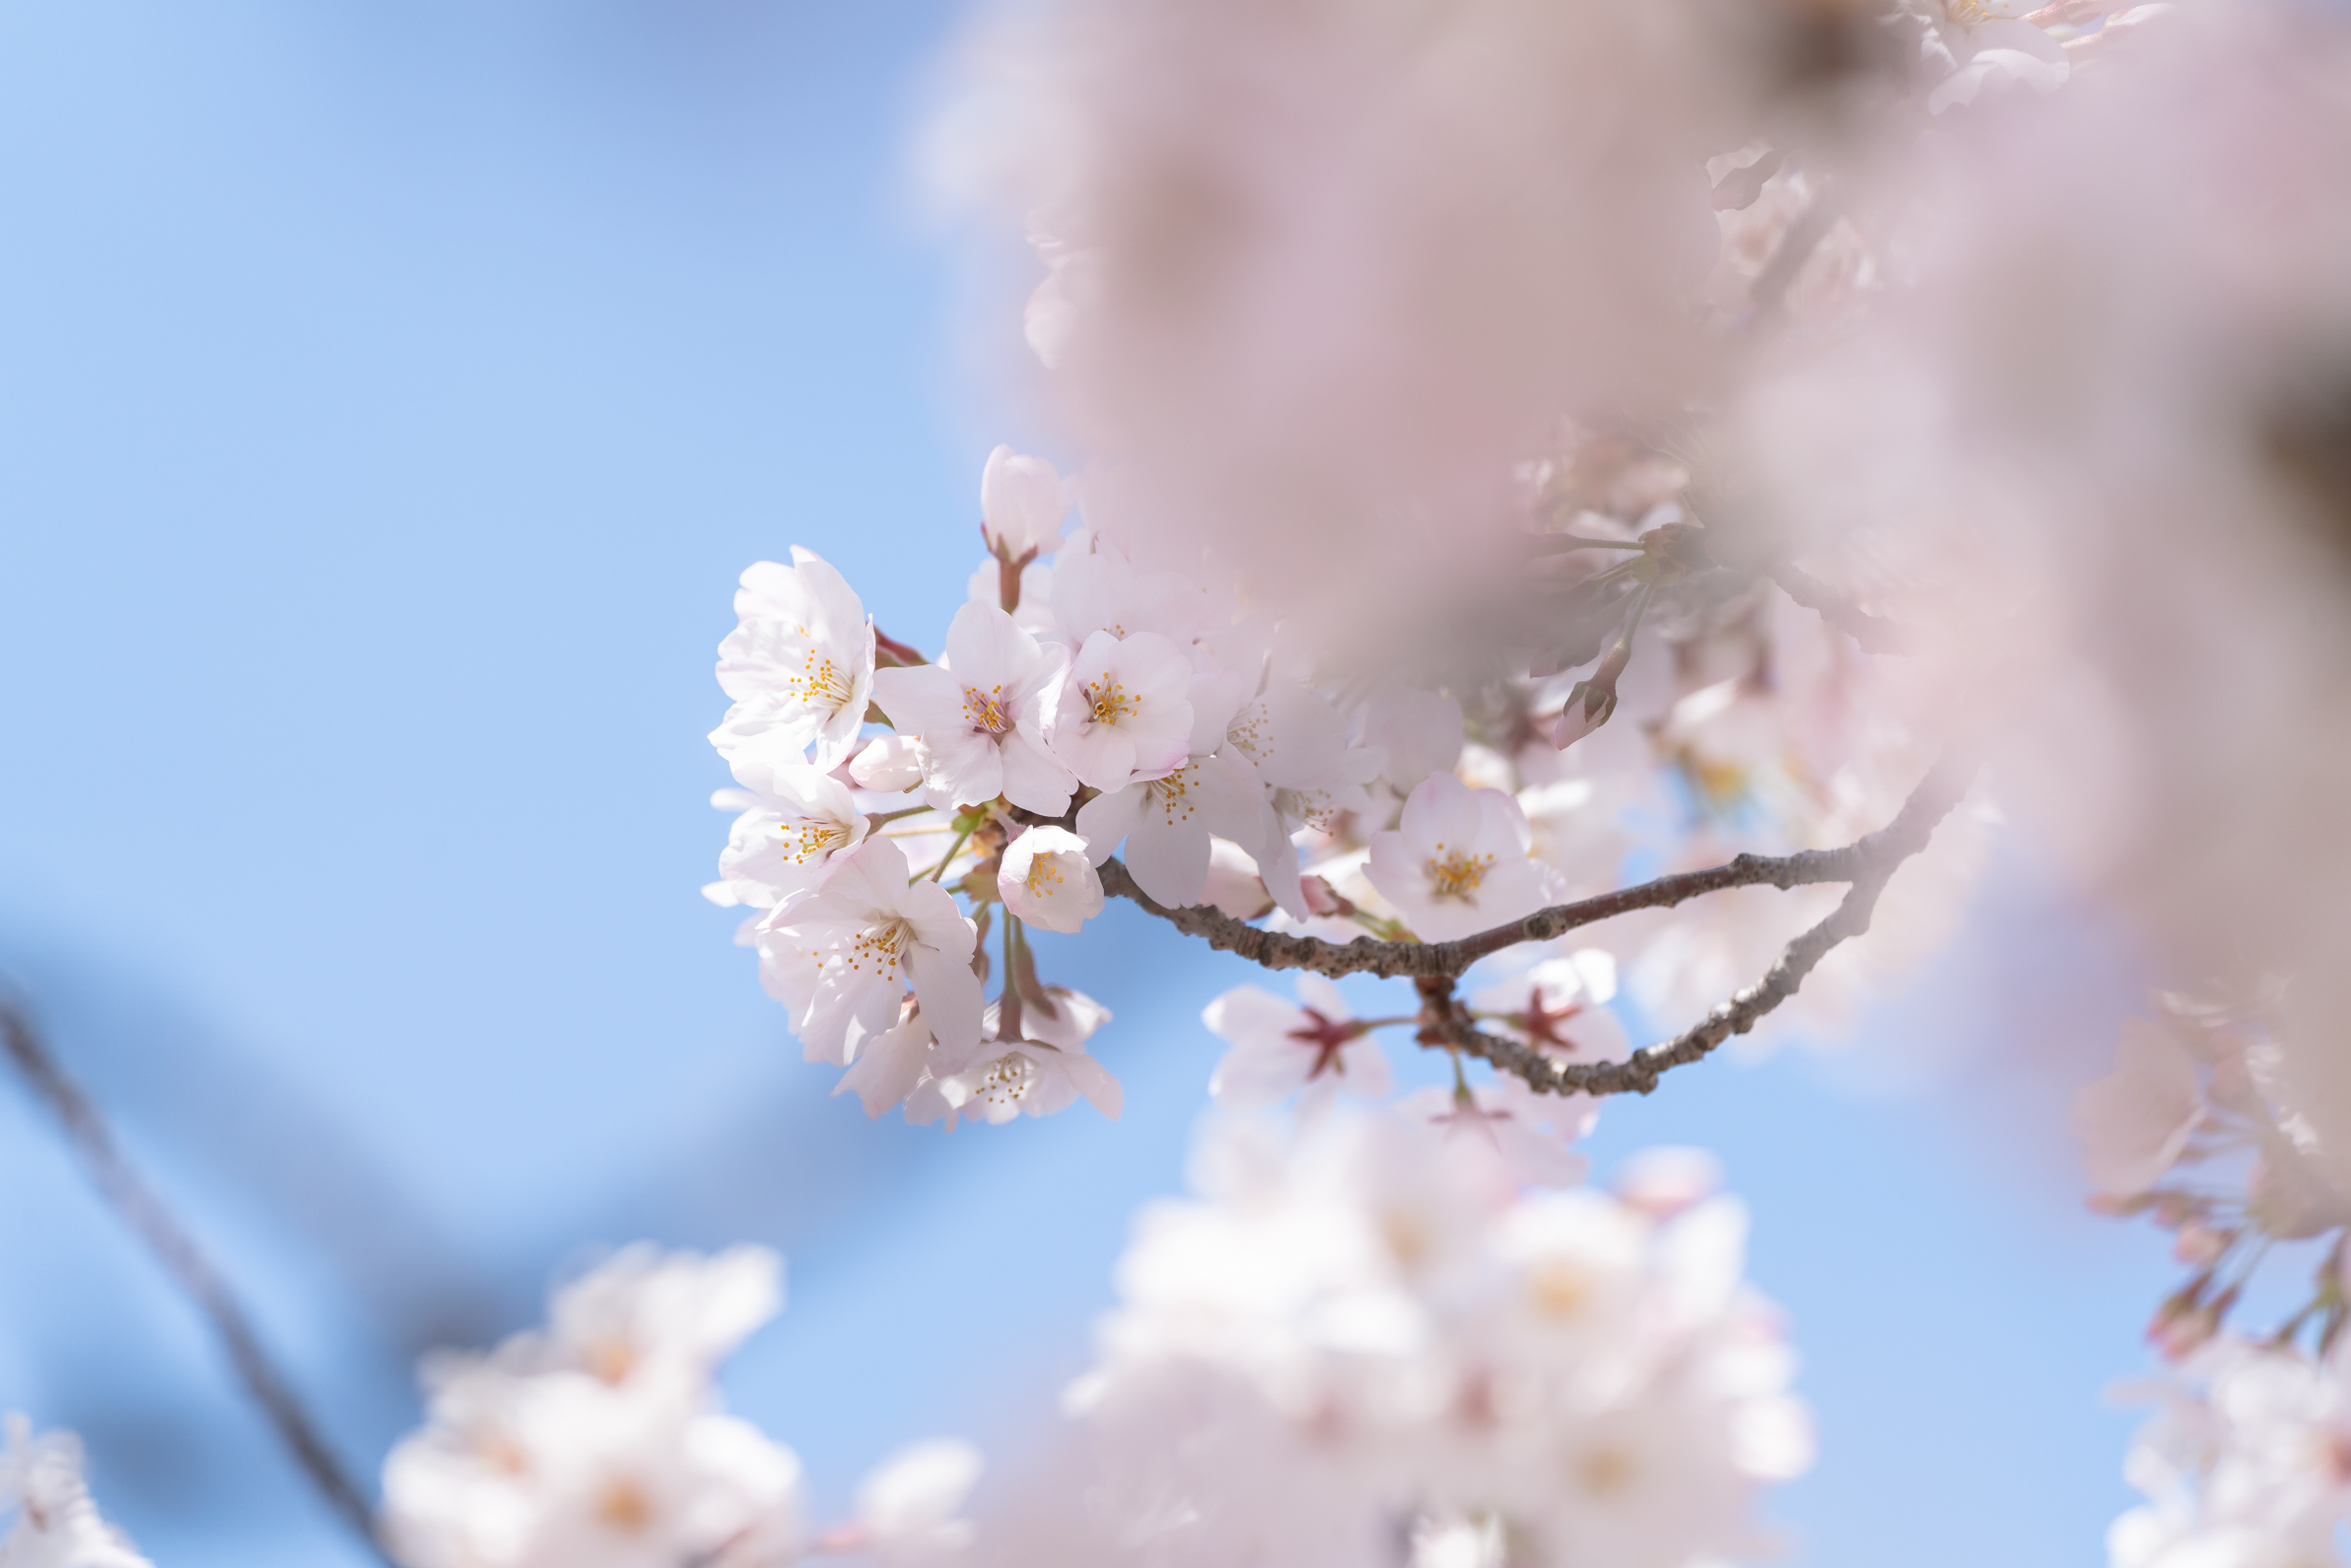 2021.03.26 桜-7.jpg